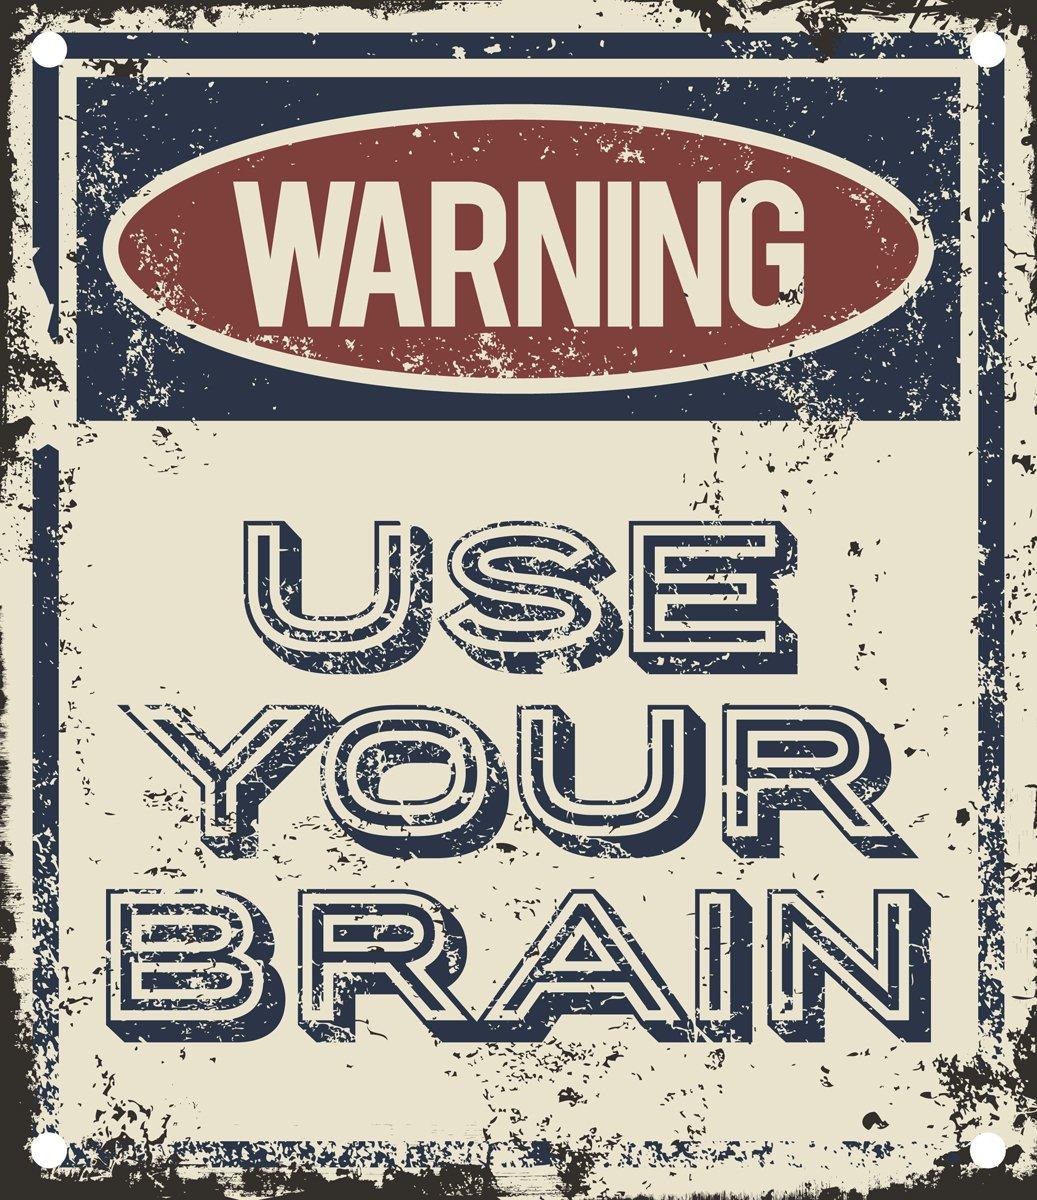 Постер-картина Смешные таблички Используйте свой мозг предупреждающий знакСмешные таблички<br>Постер на холсте или бумаге. Любого нужного вам размера. В раме или без. Подвес в комплекте. Трехслойная надежная упаковка. Доставим в любую точку России. Вам осталось только повесить картину на стену!<br>